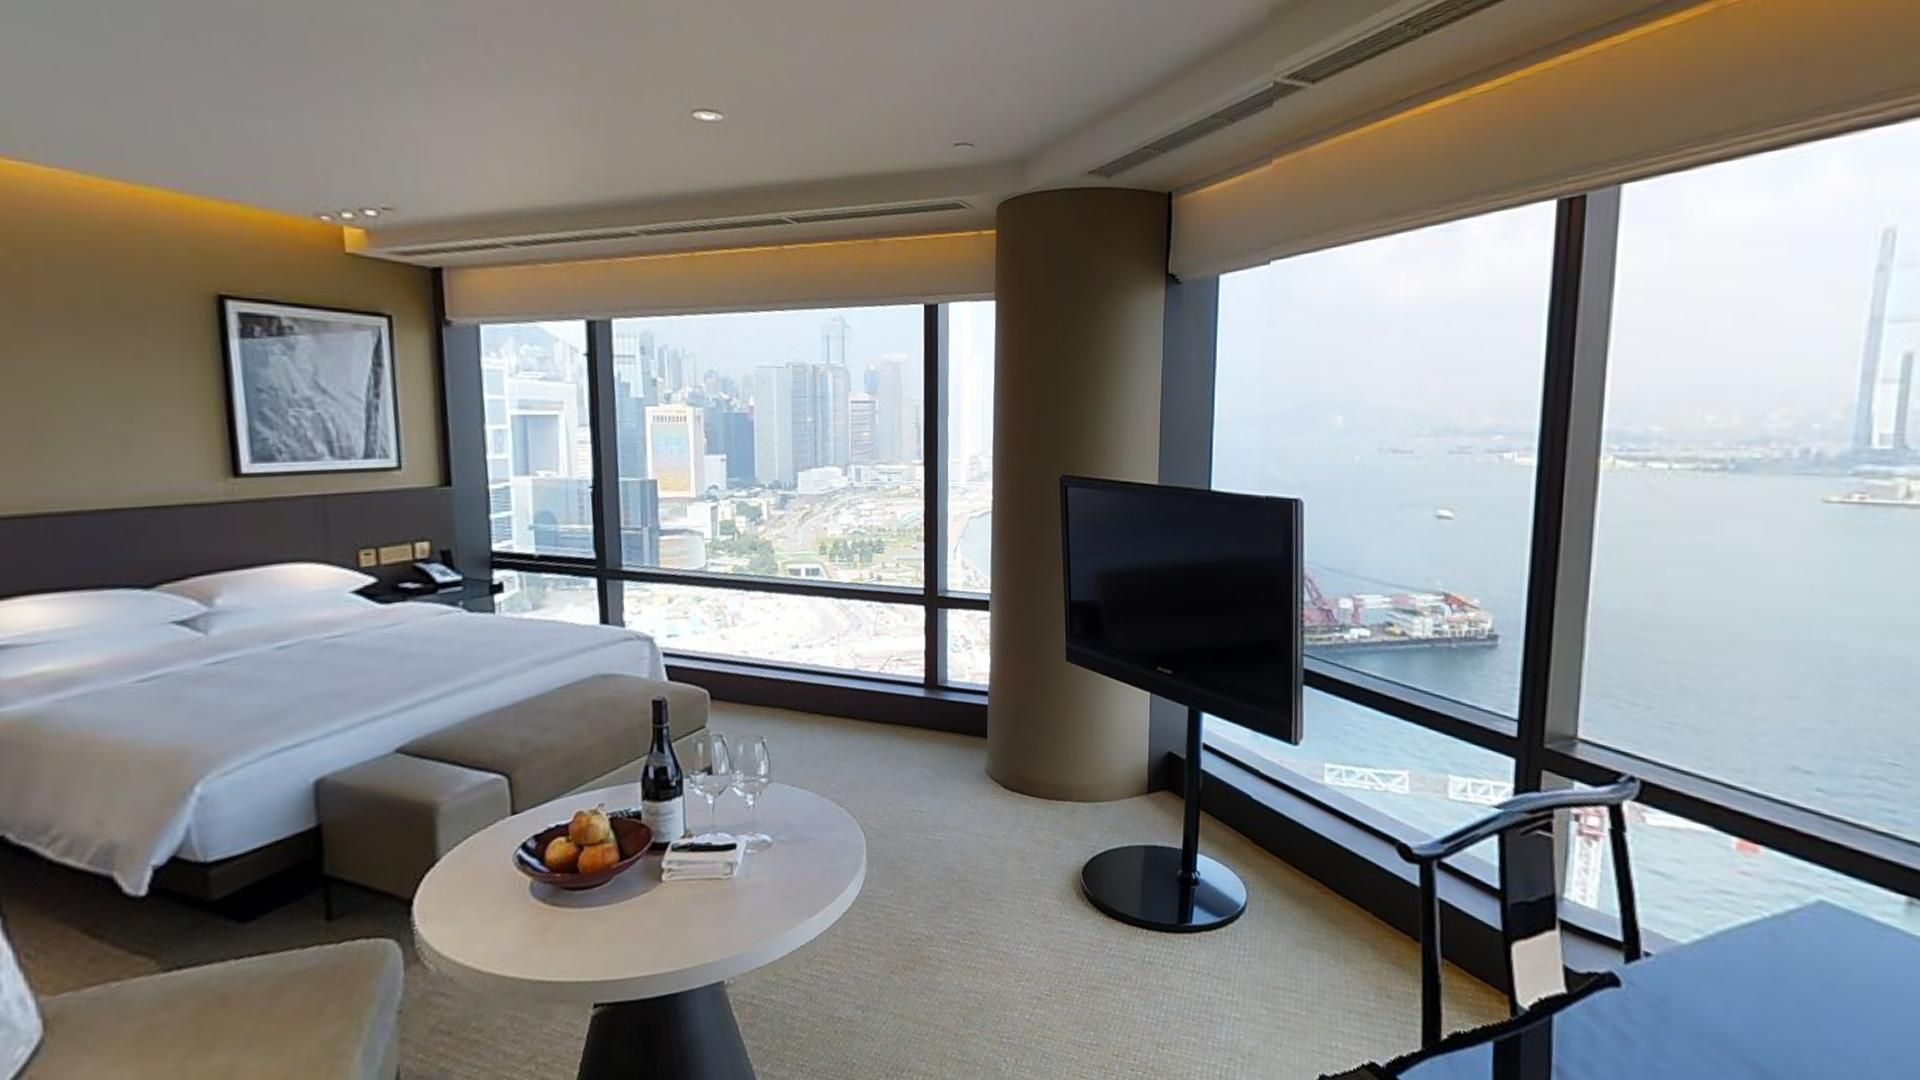 Grand Hyatt Hong Kong Executive Room Matterport 3D